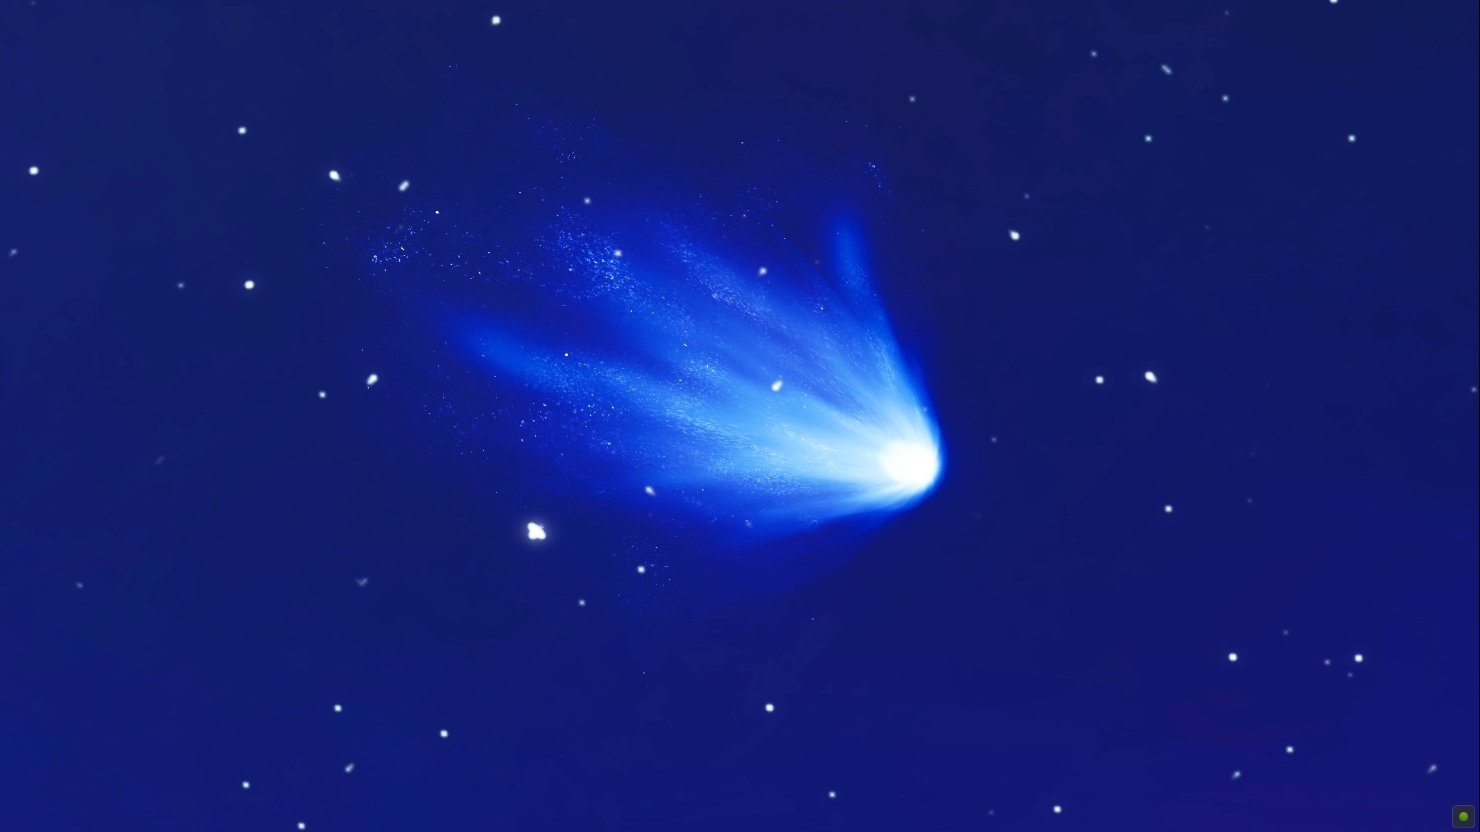 ... Fortnite Game Comet Live Wallpaper By Coolfireman